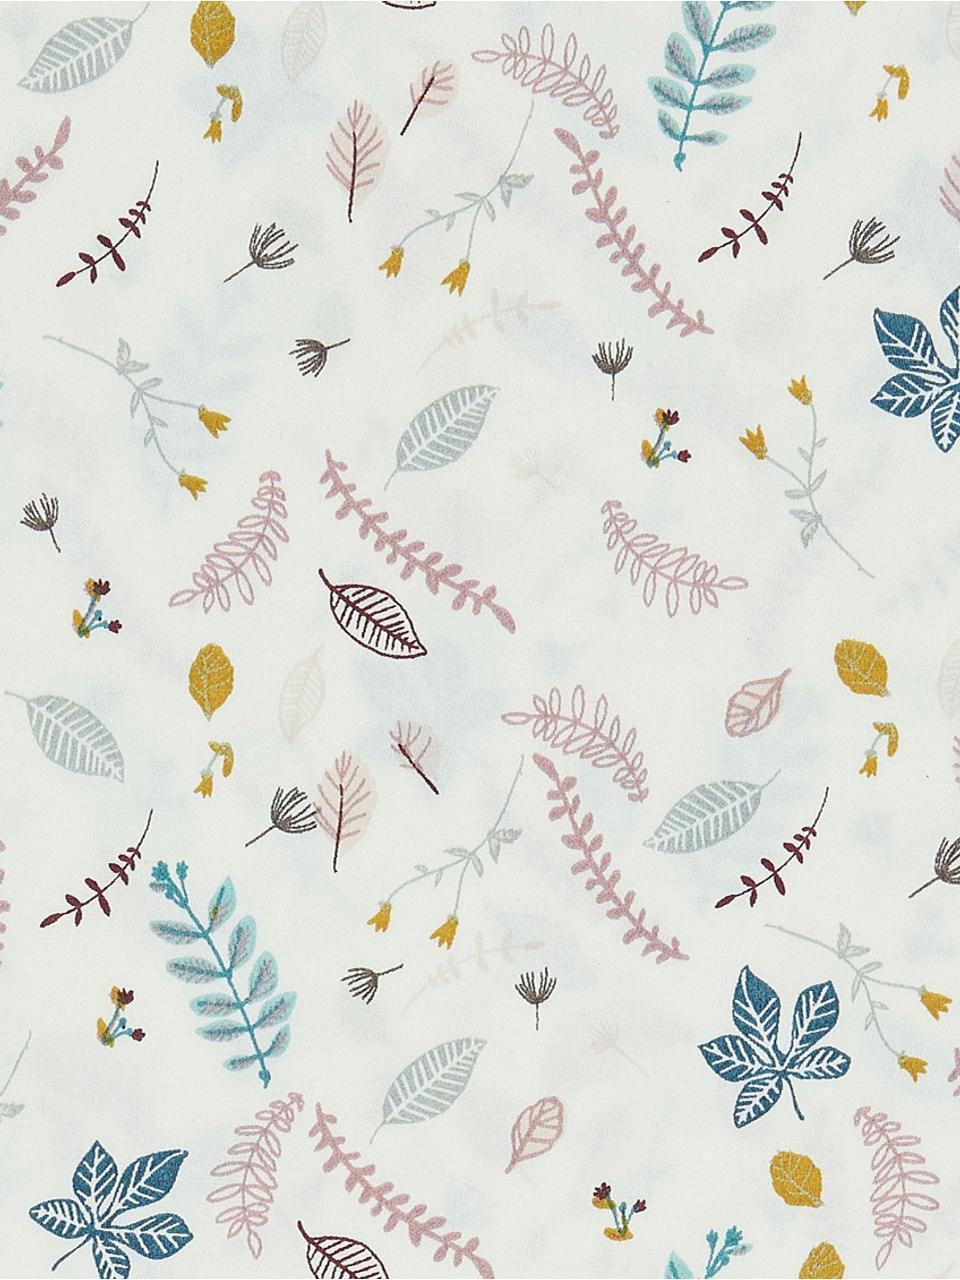 Baumwollsatin-Bettwäsche Pressed Leaves, Baumwollsatin, GOTS-zertifiziert, Creme, Rosa, Blau, Grau, Gelb, 100 x 135 cm